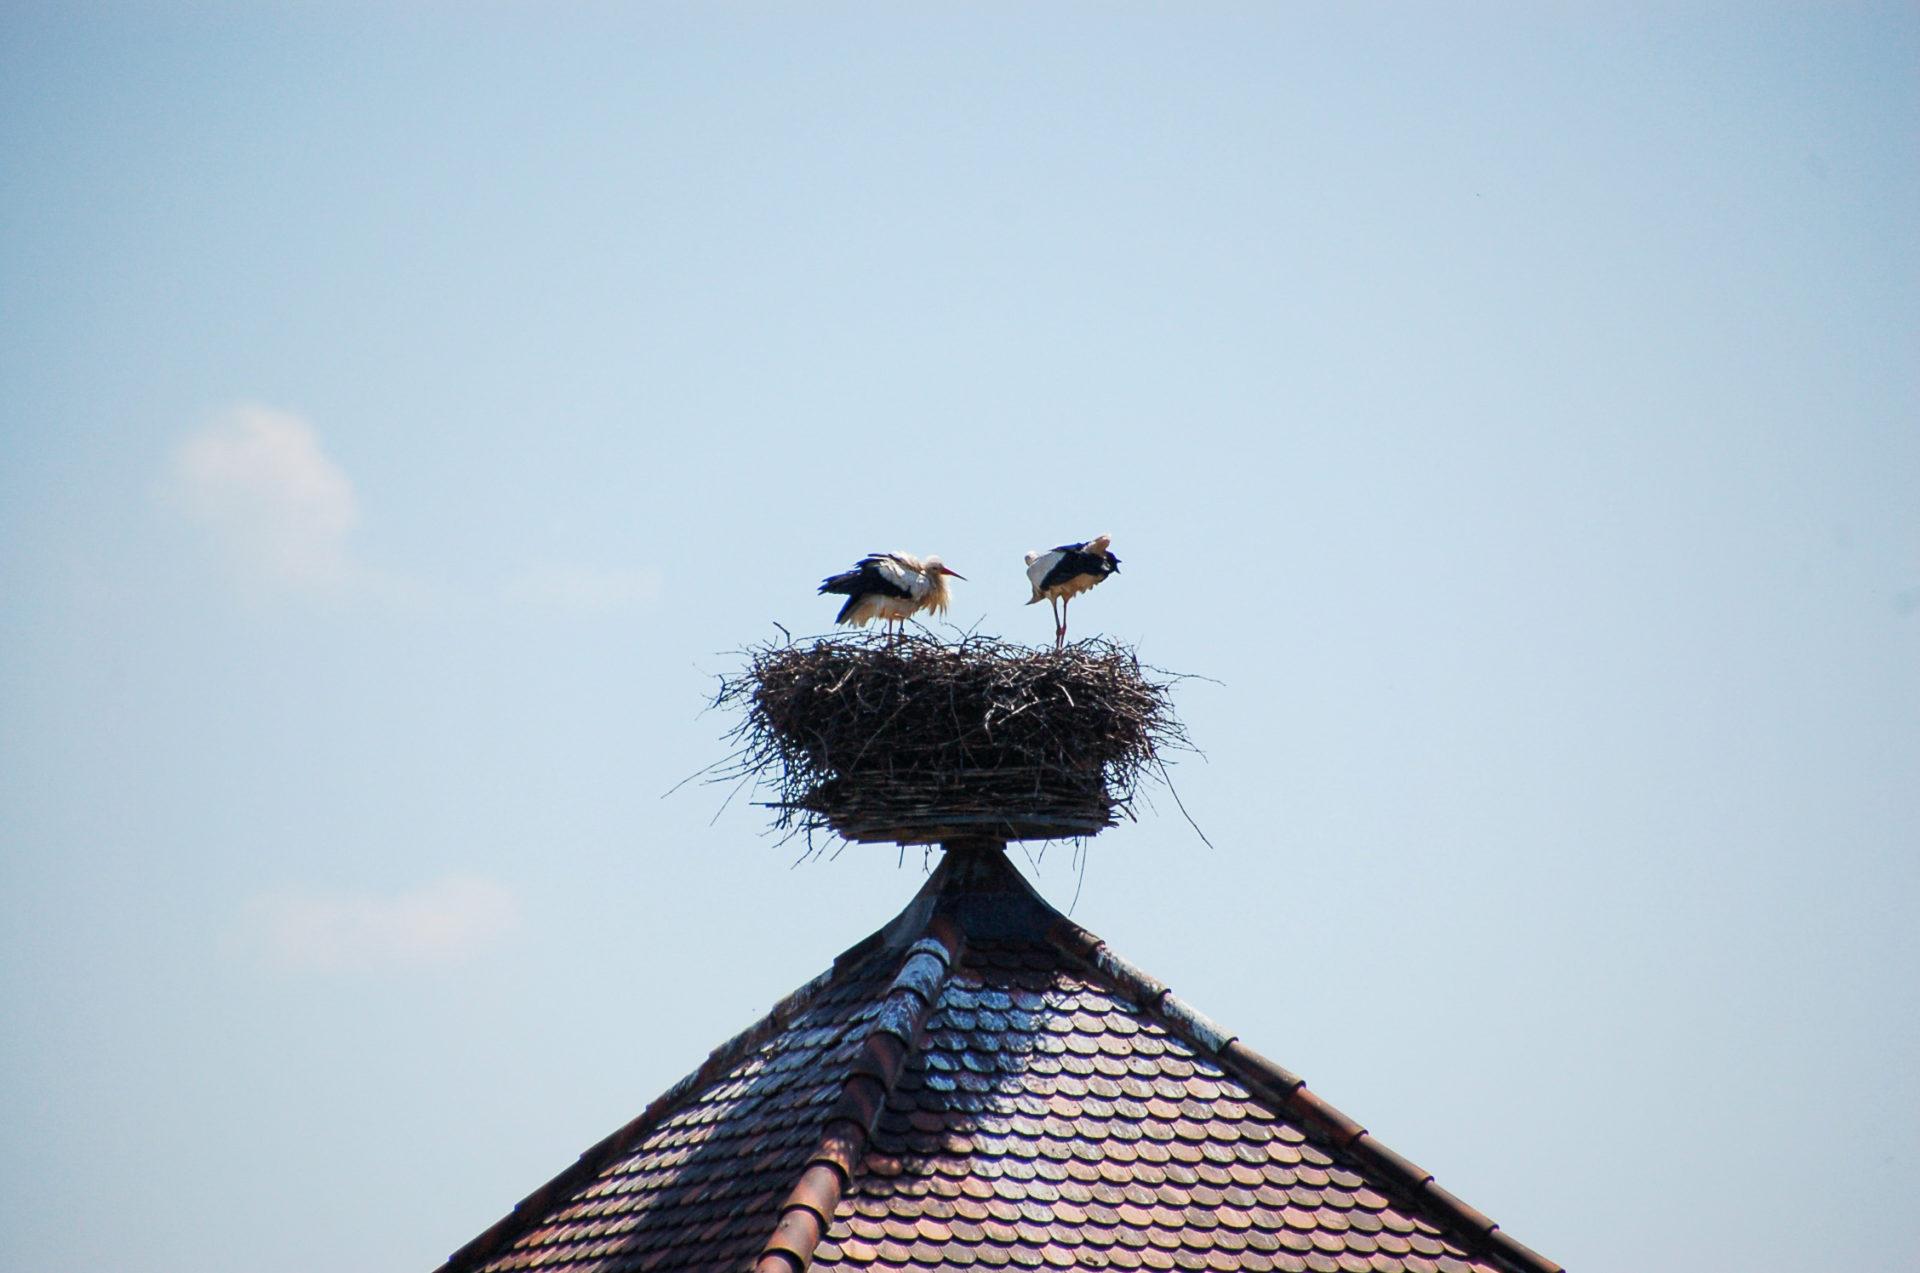 Störche im Nest in Katzenthal im Elsass